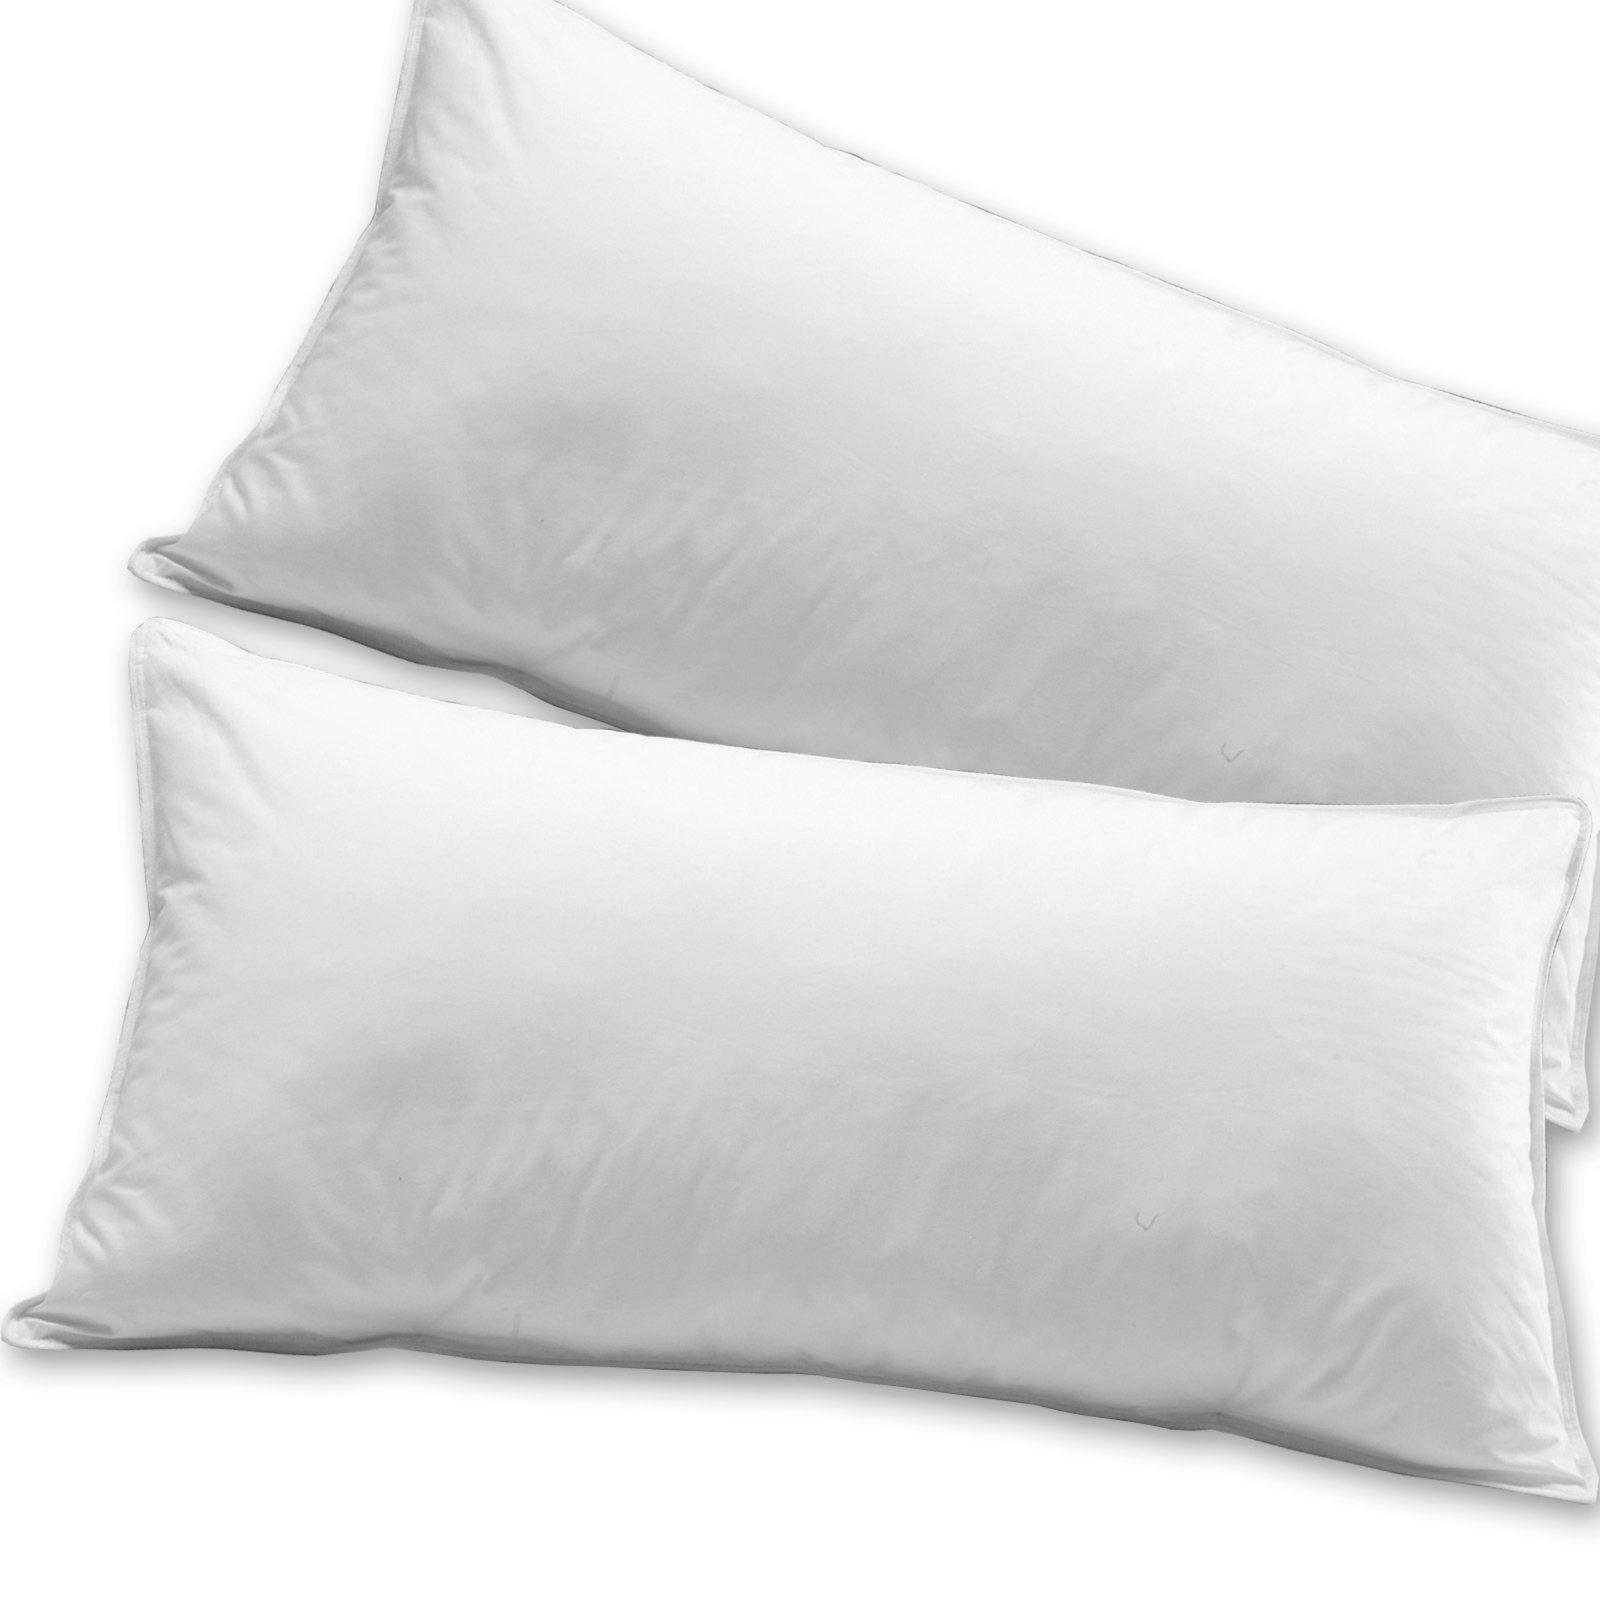 Einfache Dekoration Und Mobel Daunendecken Fuer Einen Erholsamen Schlaf 2 #18: 2er Pack Kopfkissen - Microfaser - 40x80 Cm